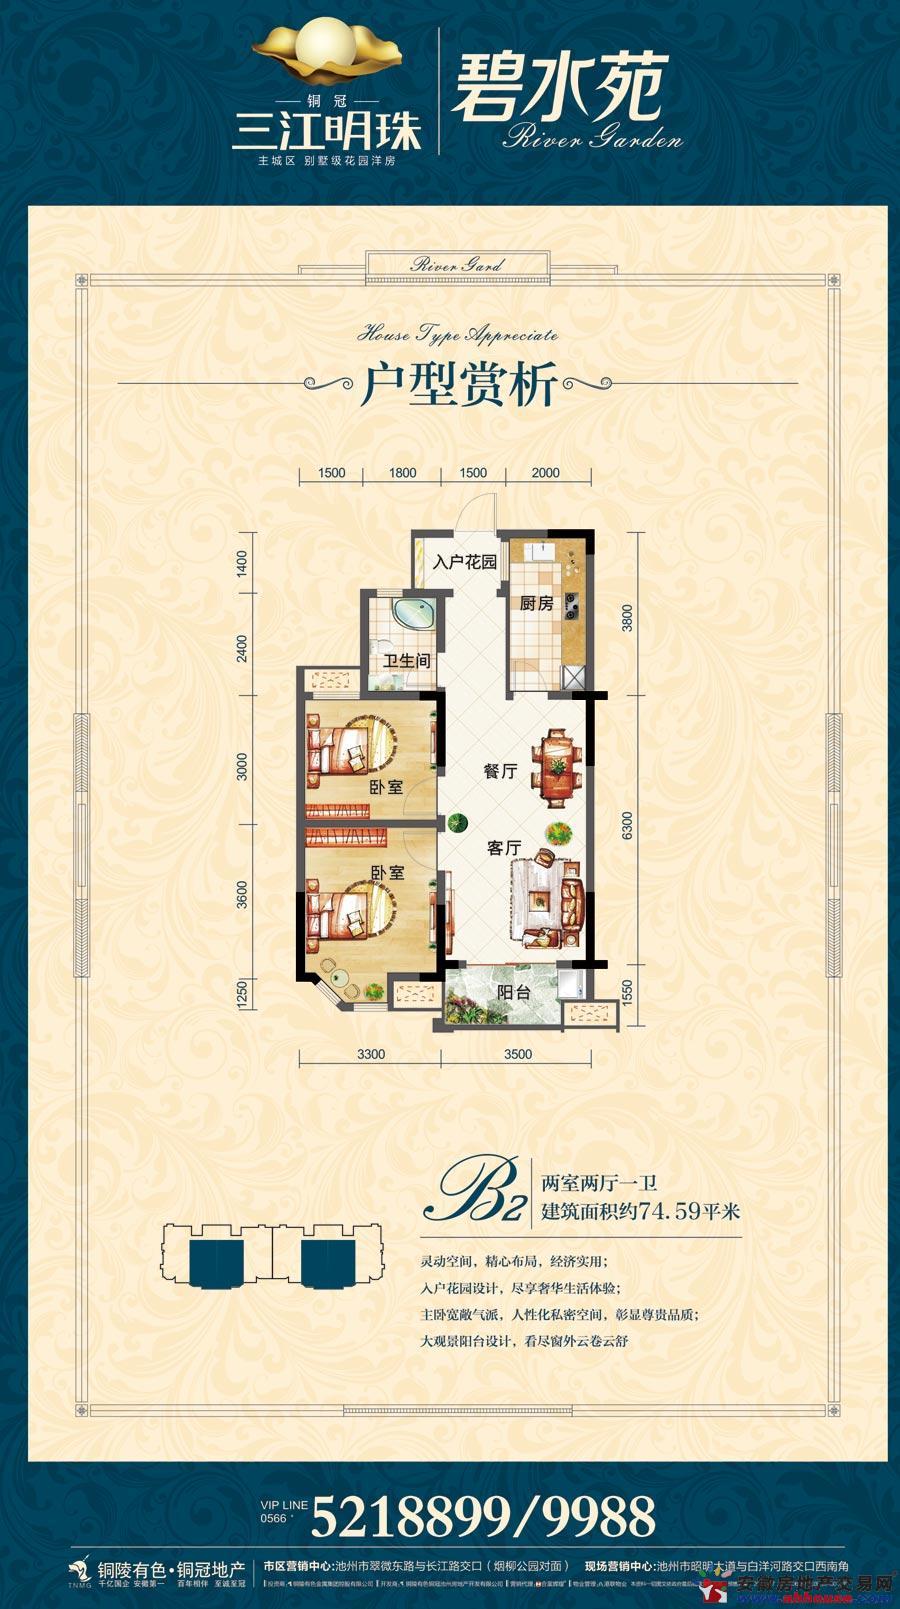 铜冠三江明珠_2室2厅1卫厨